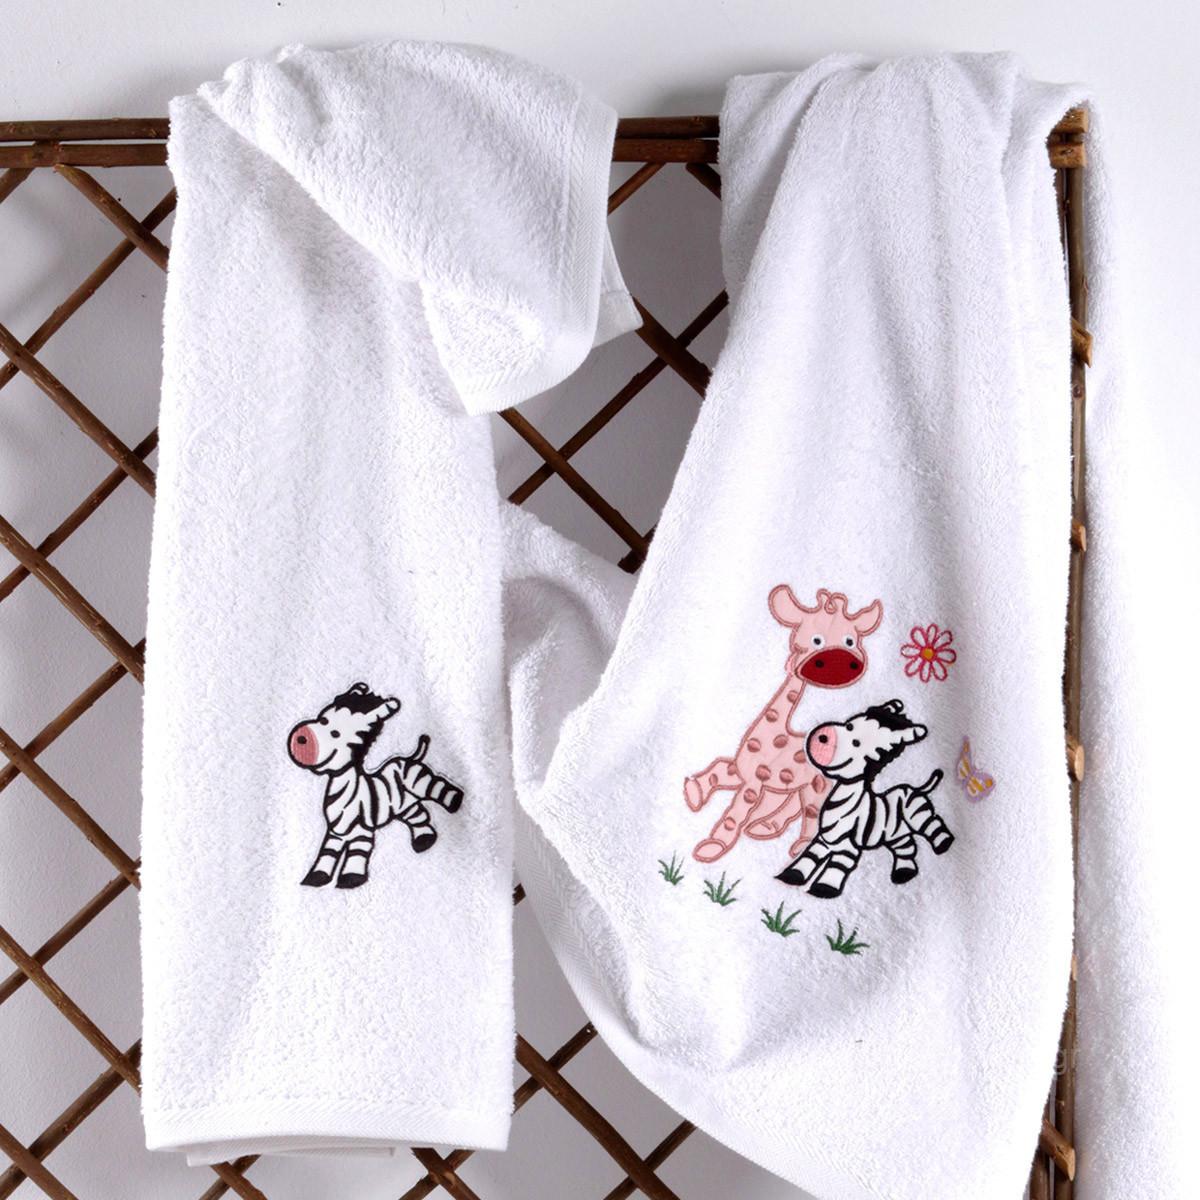 Βρεφικές Πετσέτες (Σετ 2τμχ) Sb Home Baby Olly & Zemo Pink